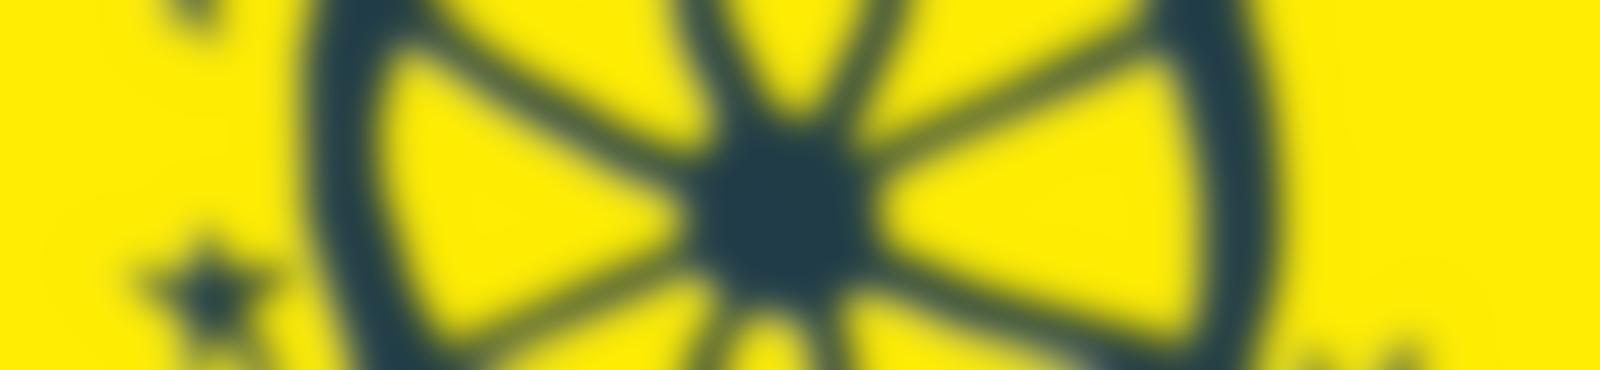 Blurred 72ea989d 936c 4516 8b9a 26b297d1ca37